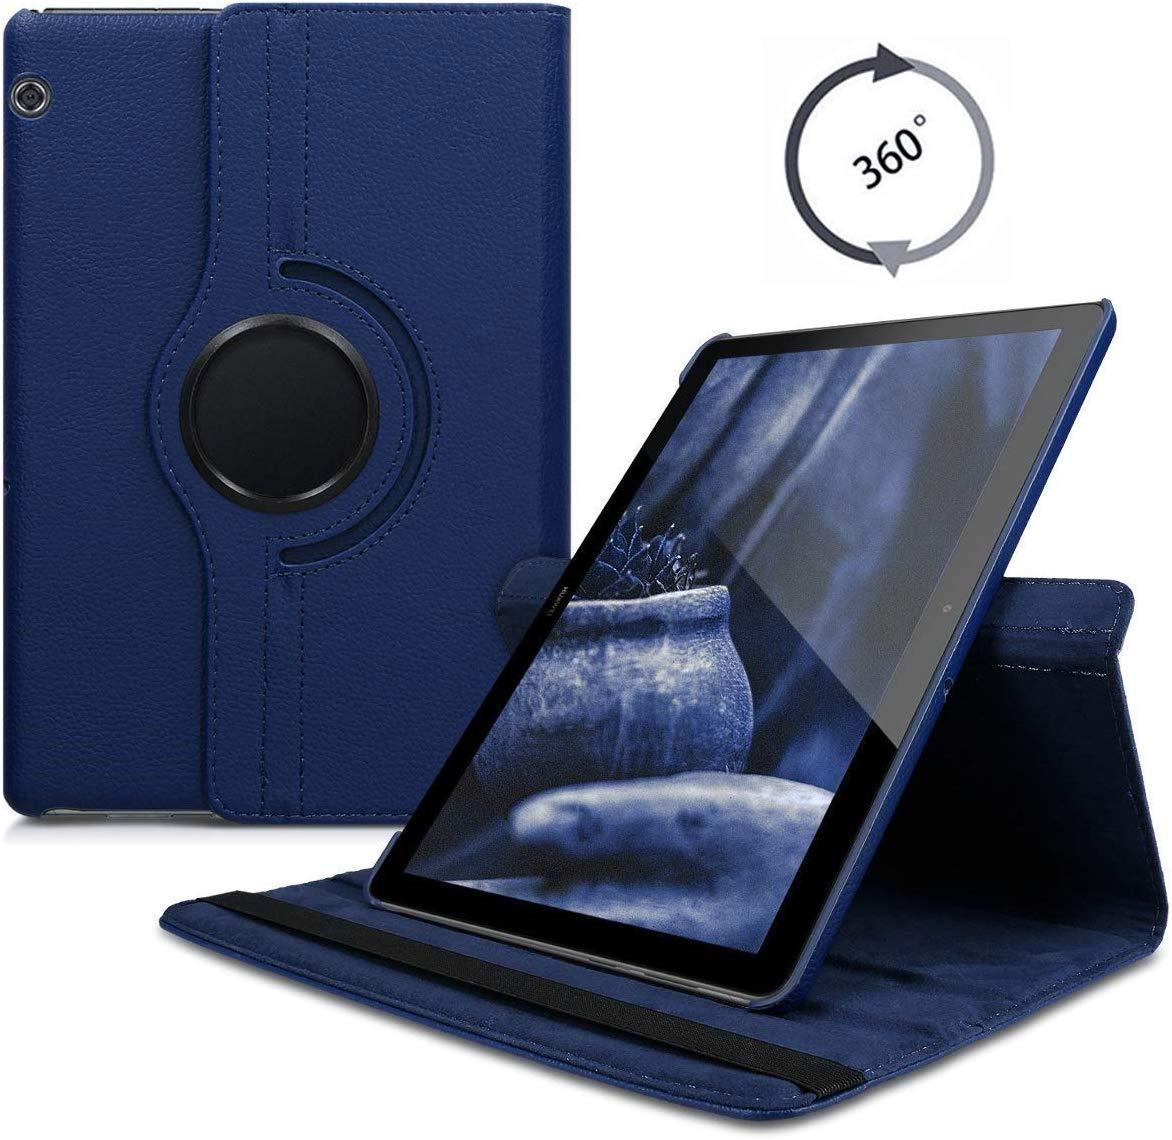 """Чехол MediaPad T5 10,1 """"с поворотом на 360 градусов для huawei MediaPad T5 10,1 AGS2-W09/L09/L03/W19 Funda противоударный защитный чехол"""